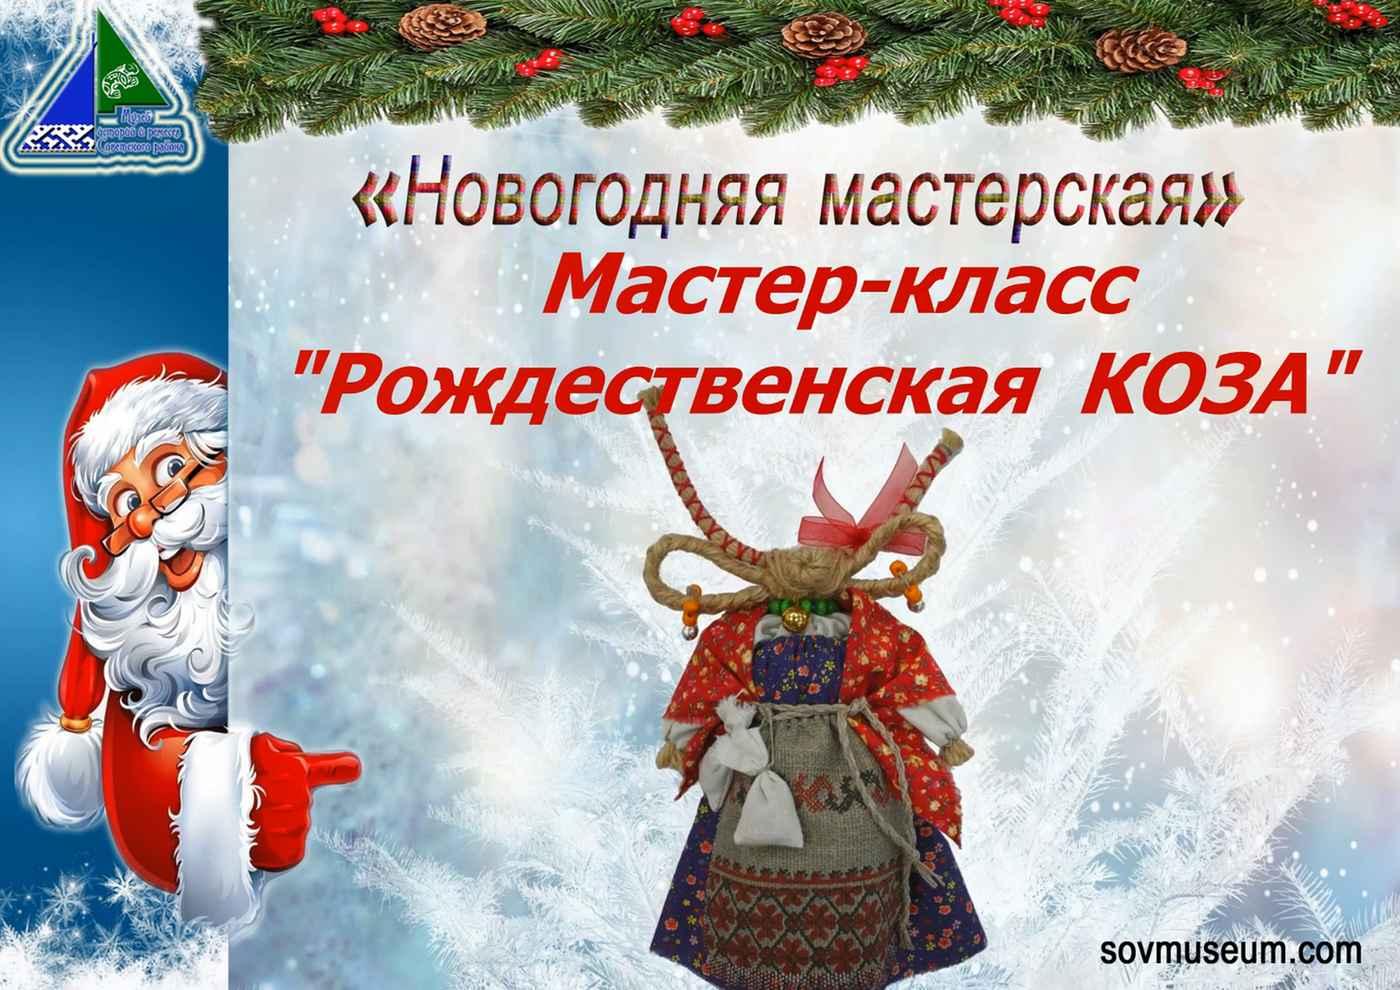 Мастер-класс «Рождественская коза»